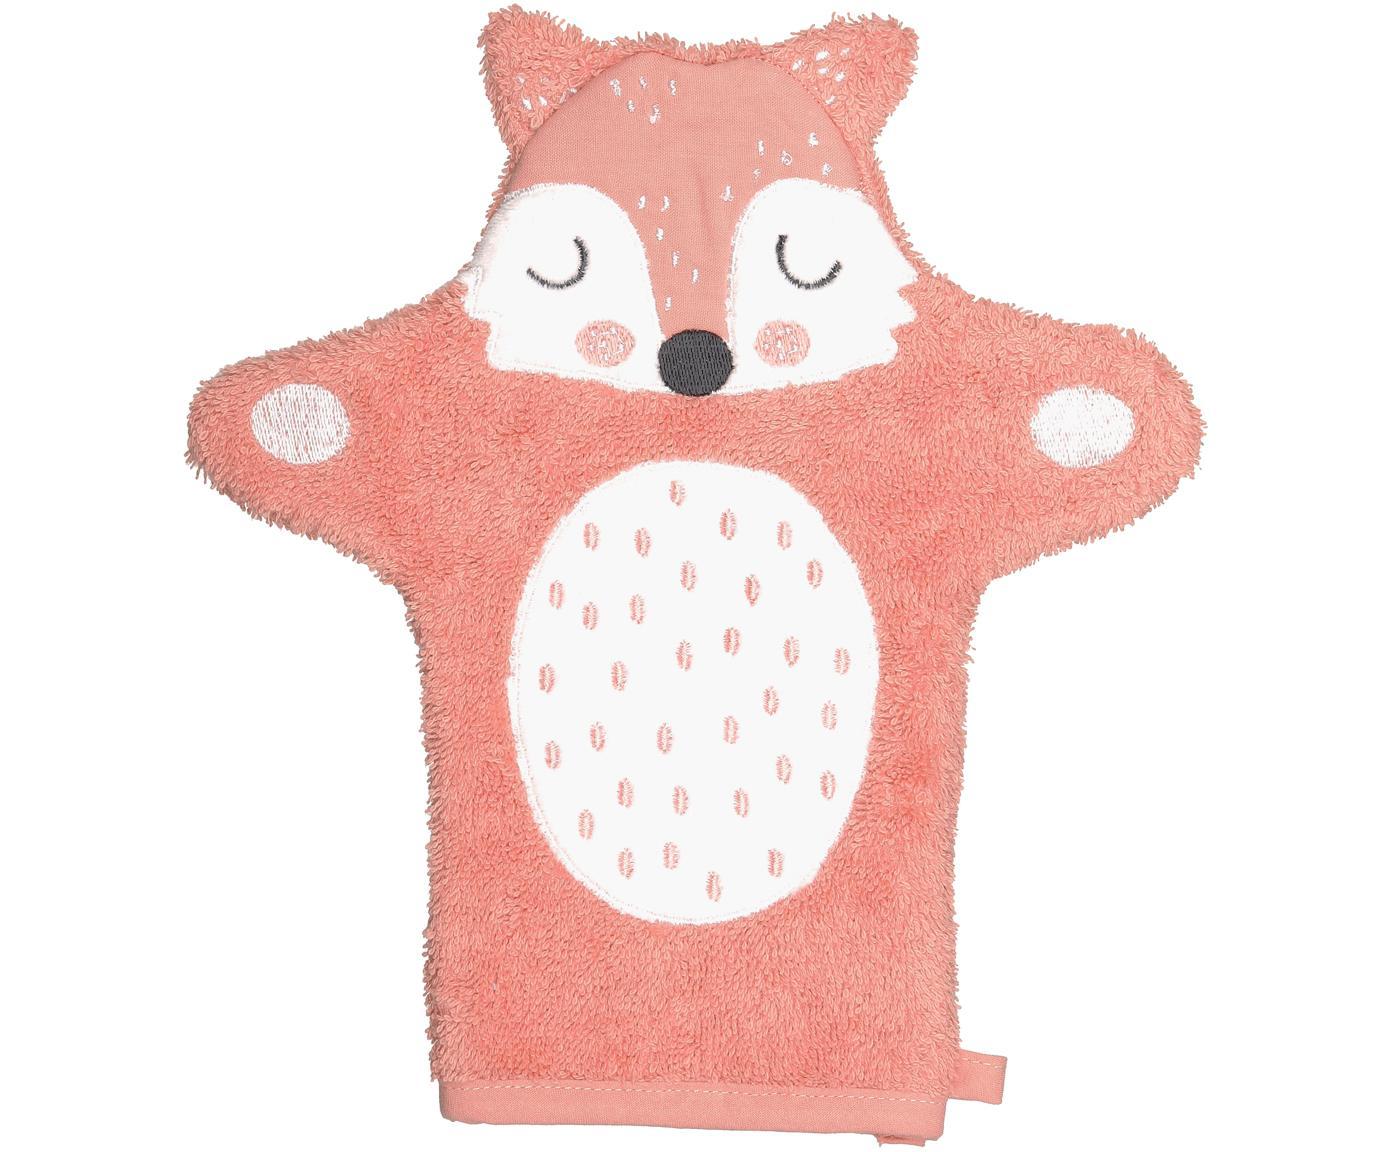 Waschlappen Fox Frida aus Bio-Baumwolle, Bio-Baumwolle, GOTS zertifiziert, Rosa, Weiß, Schwarz, 21 x 26 cm